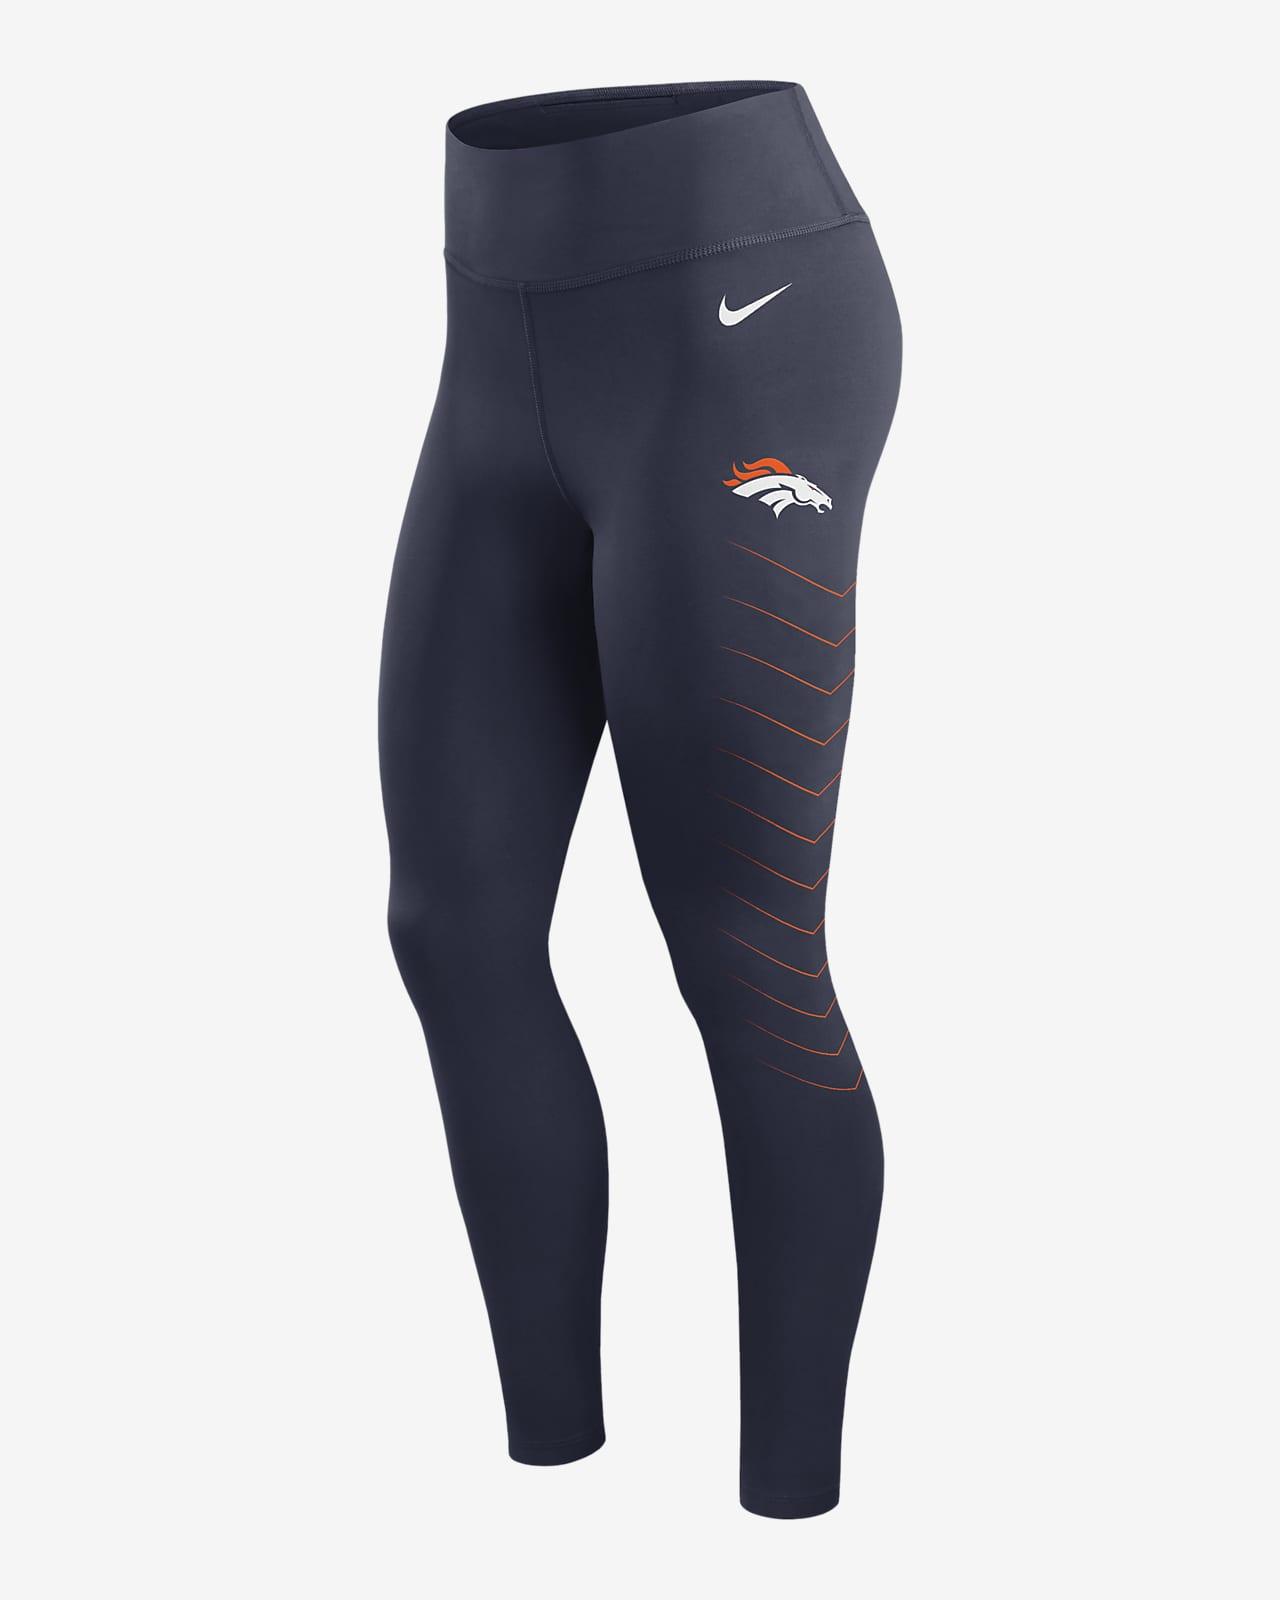 Nike Dri-FIT (NFL Denver Broncos) Women's Leggings